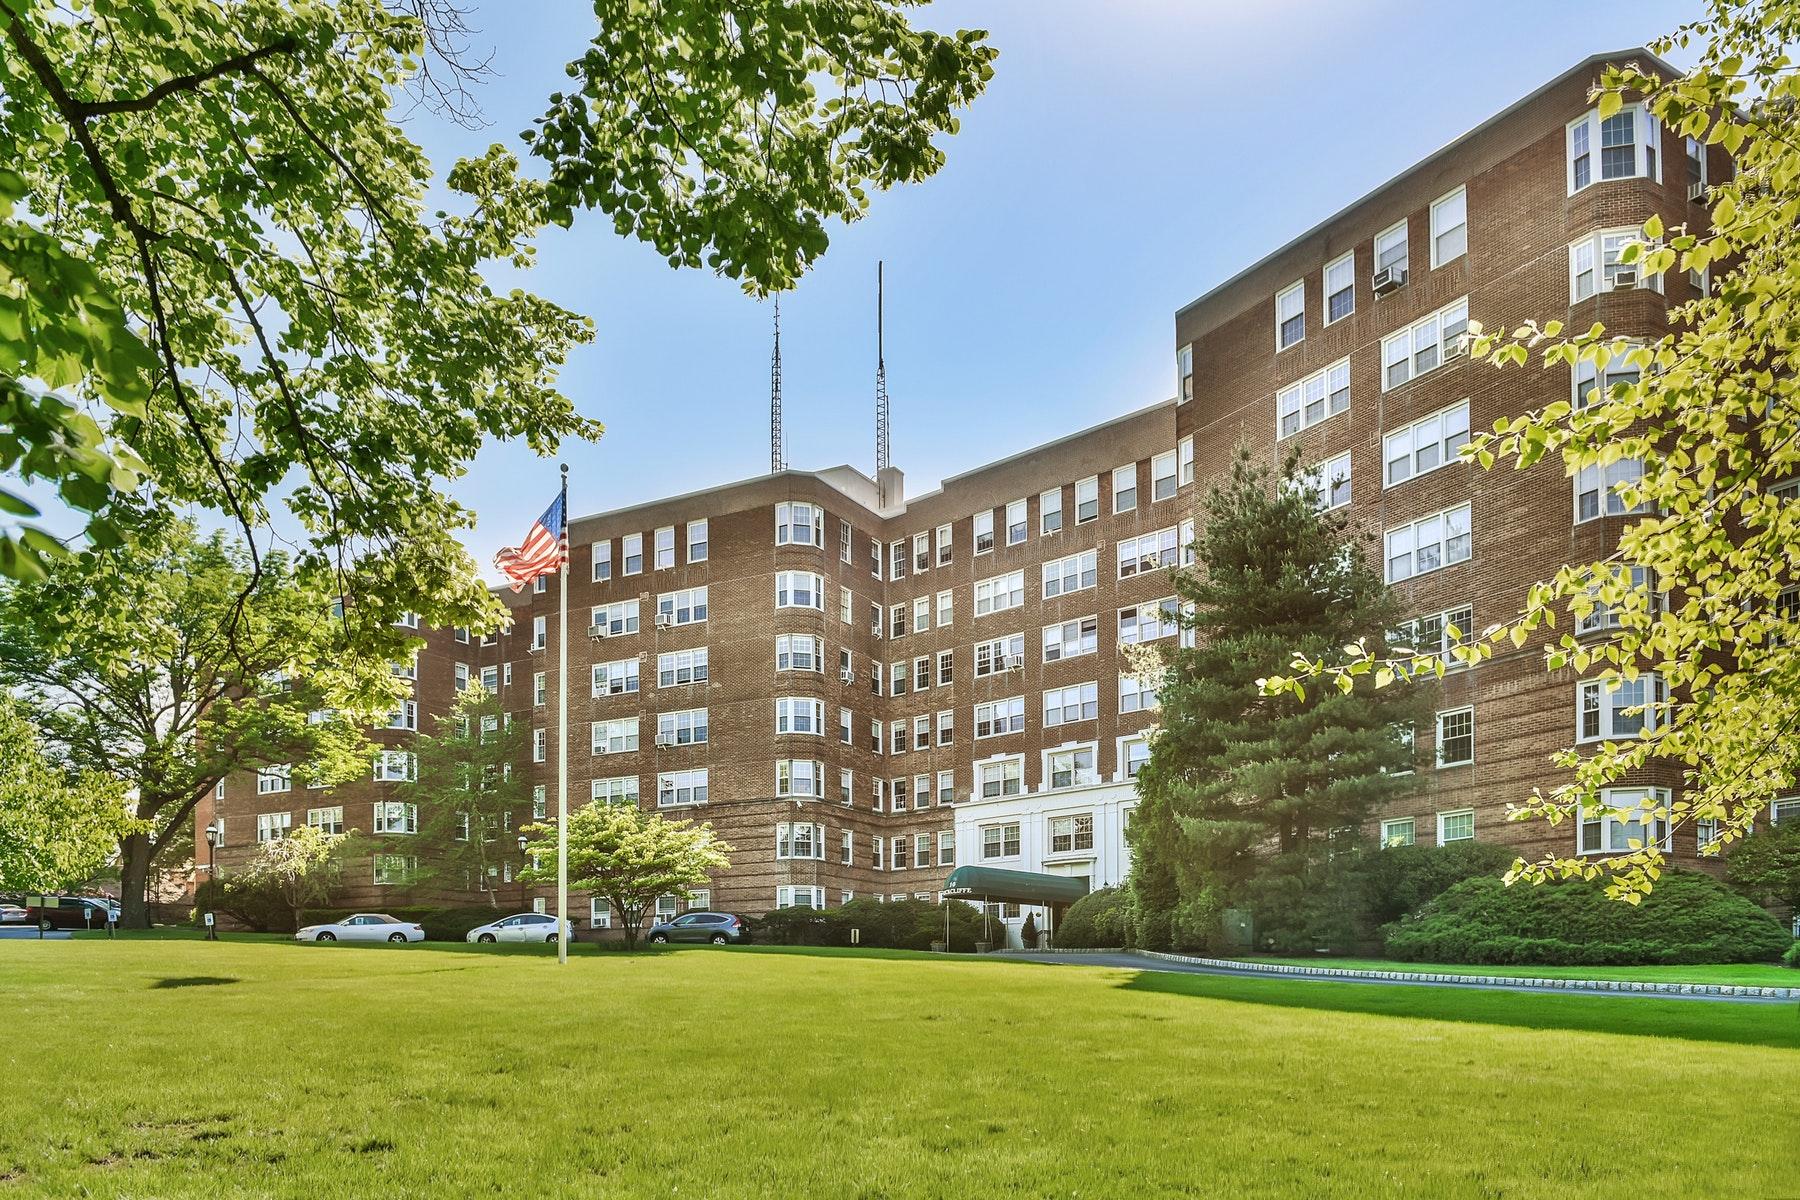 تعاوني للـ Sale في New York Style Co-op 10 Crestmont Road 1H Montclair, New Jersey 07042 United States